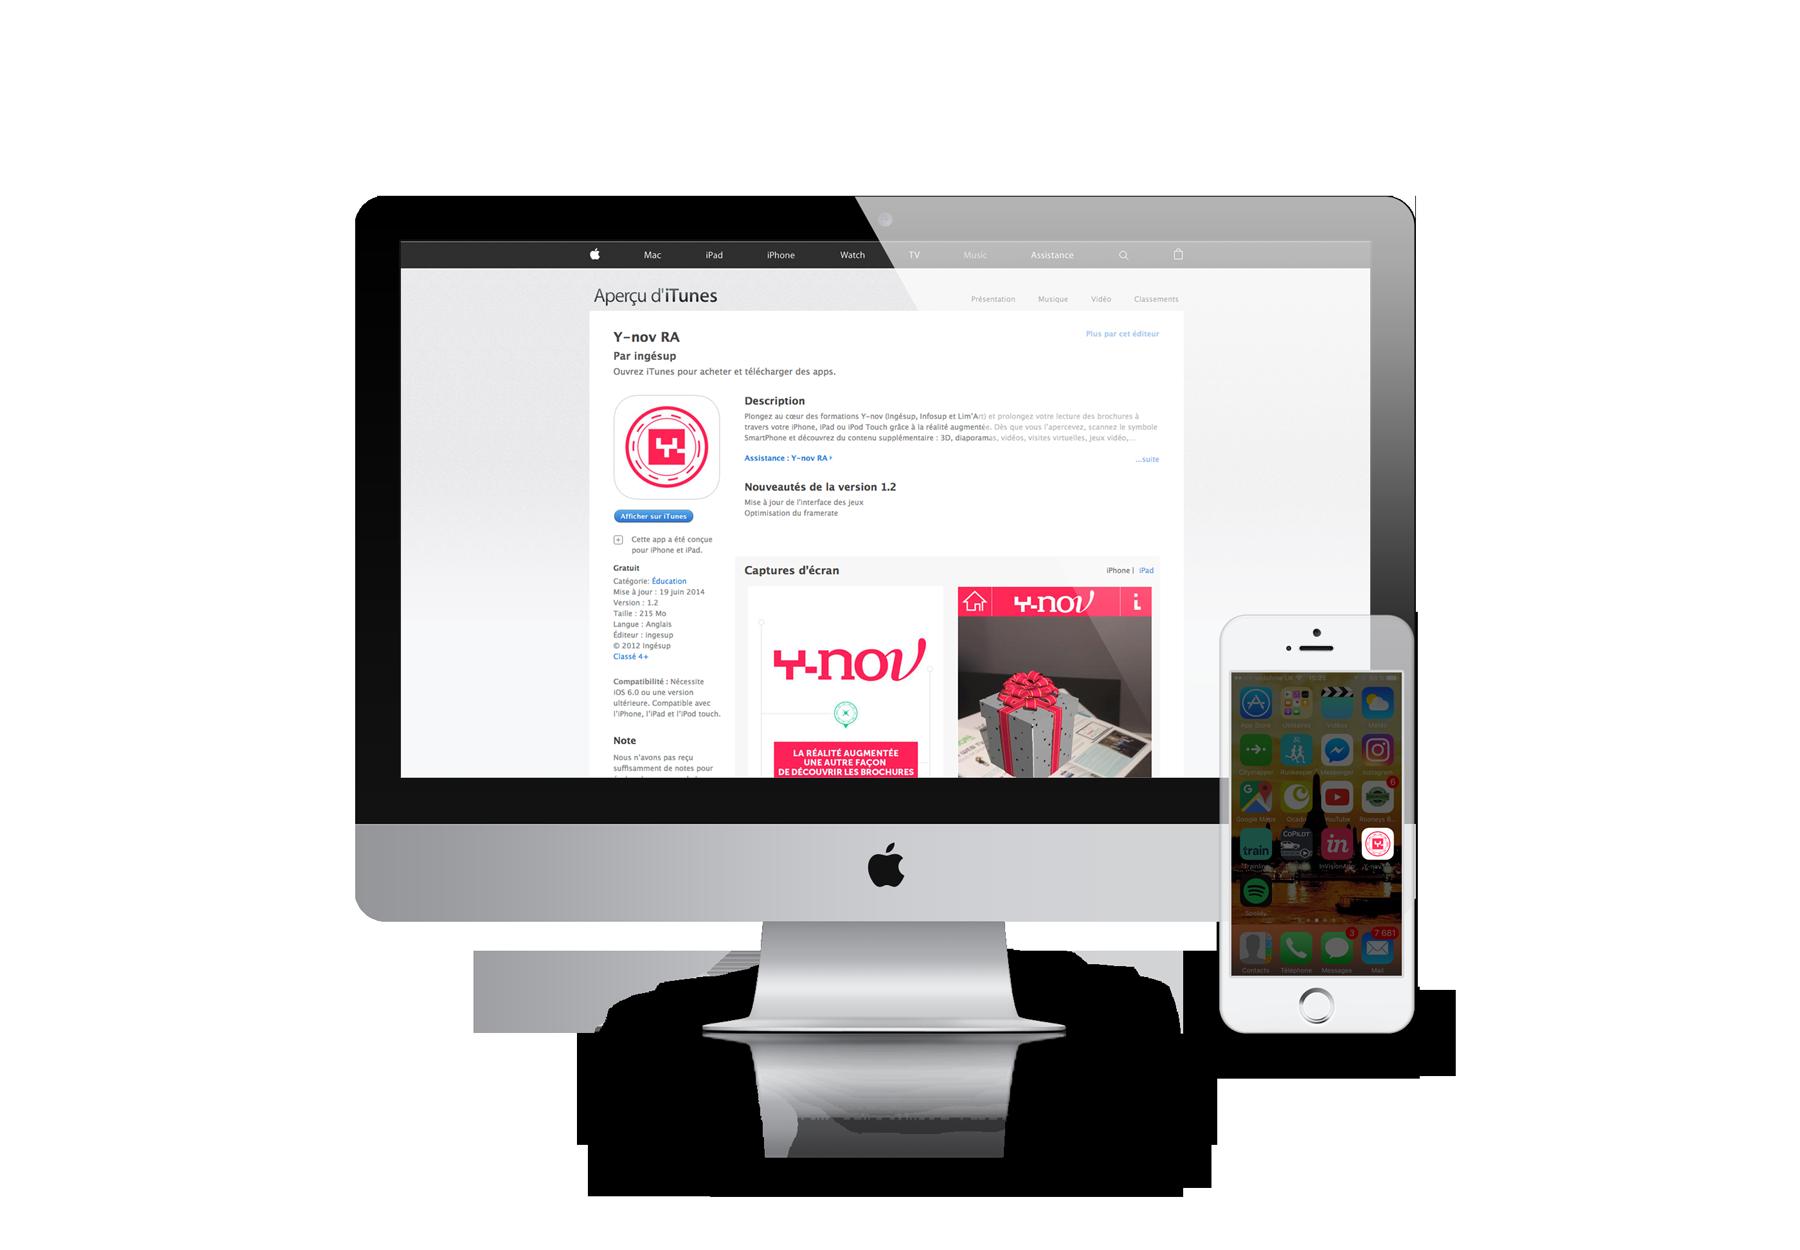 Y-nov RA, virtual reality, screen App Store